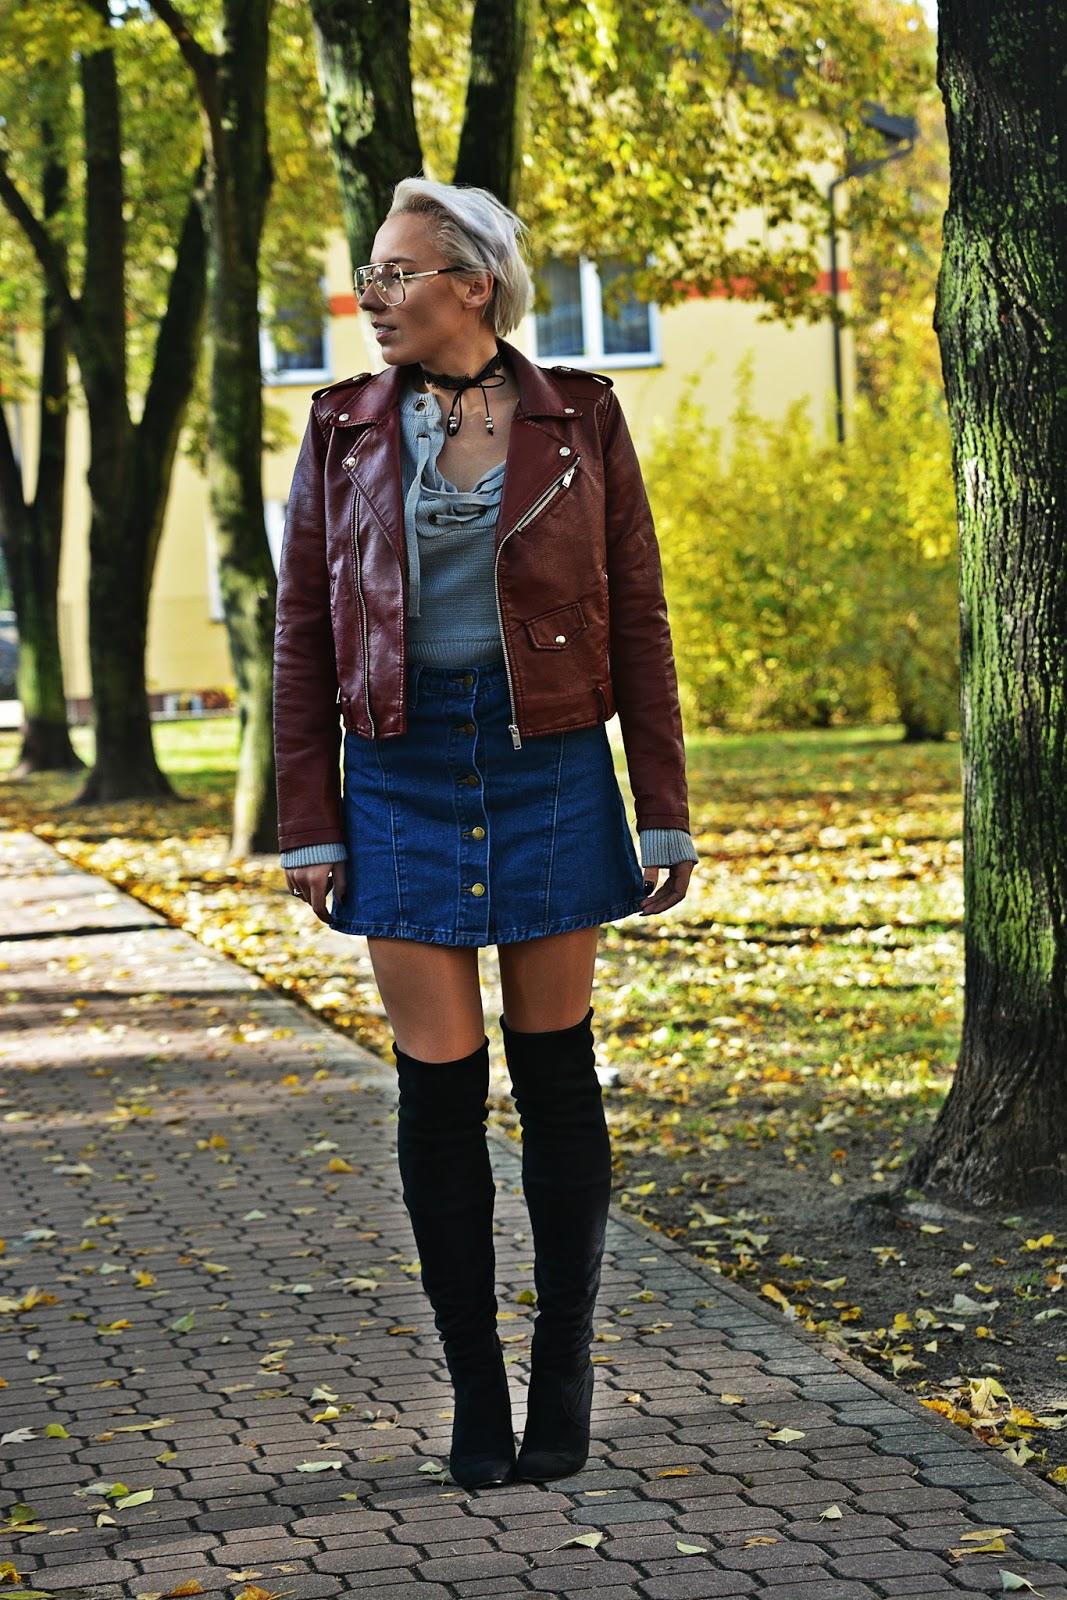 szary_plaszcz_spodnica_jeans_guziki_bordowa_ramoneska_karyn13